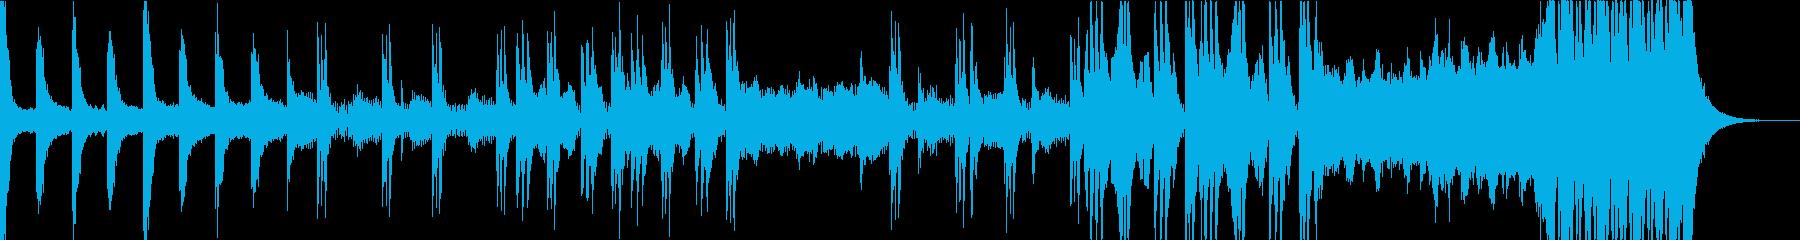 リズミカルで緊迫感のあるオーケストラ楽曲の再生済みの波形